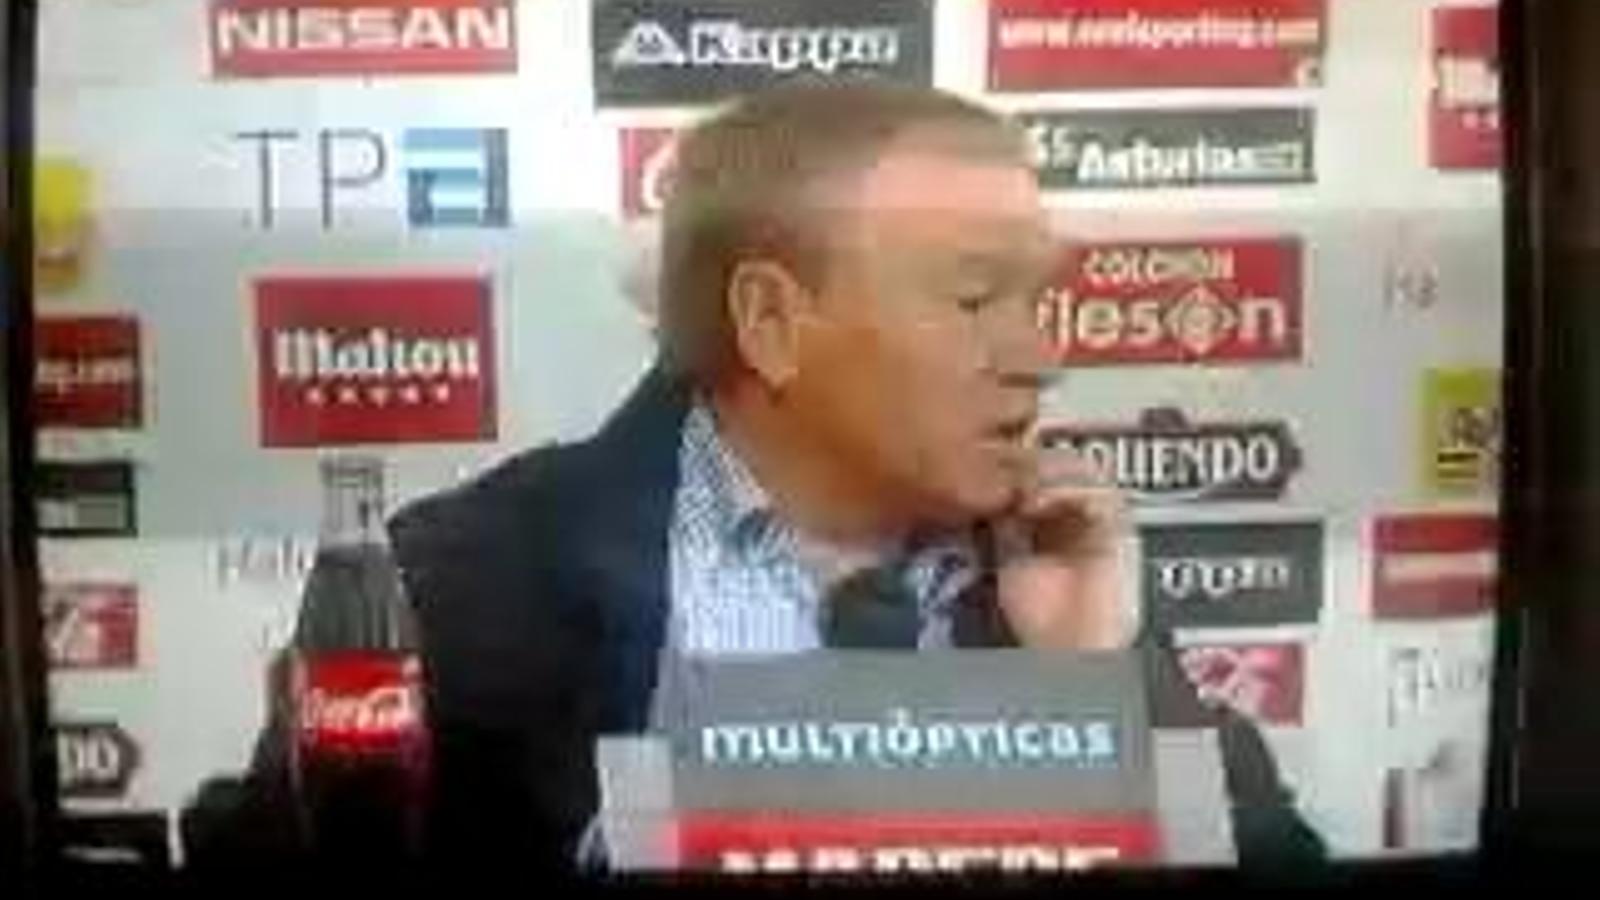 Javier Clemente s'ha encarat amb un periodista a la roda de premsa